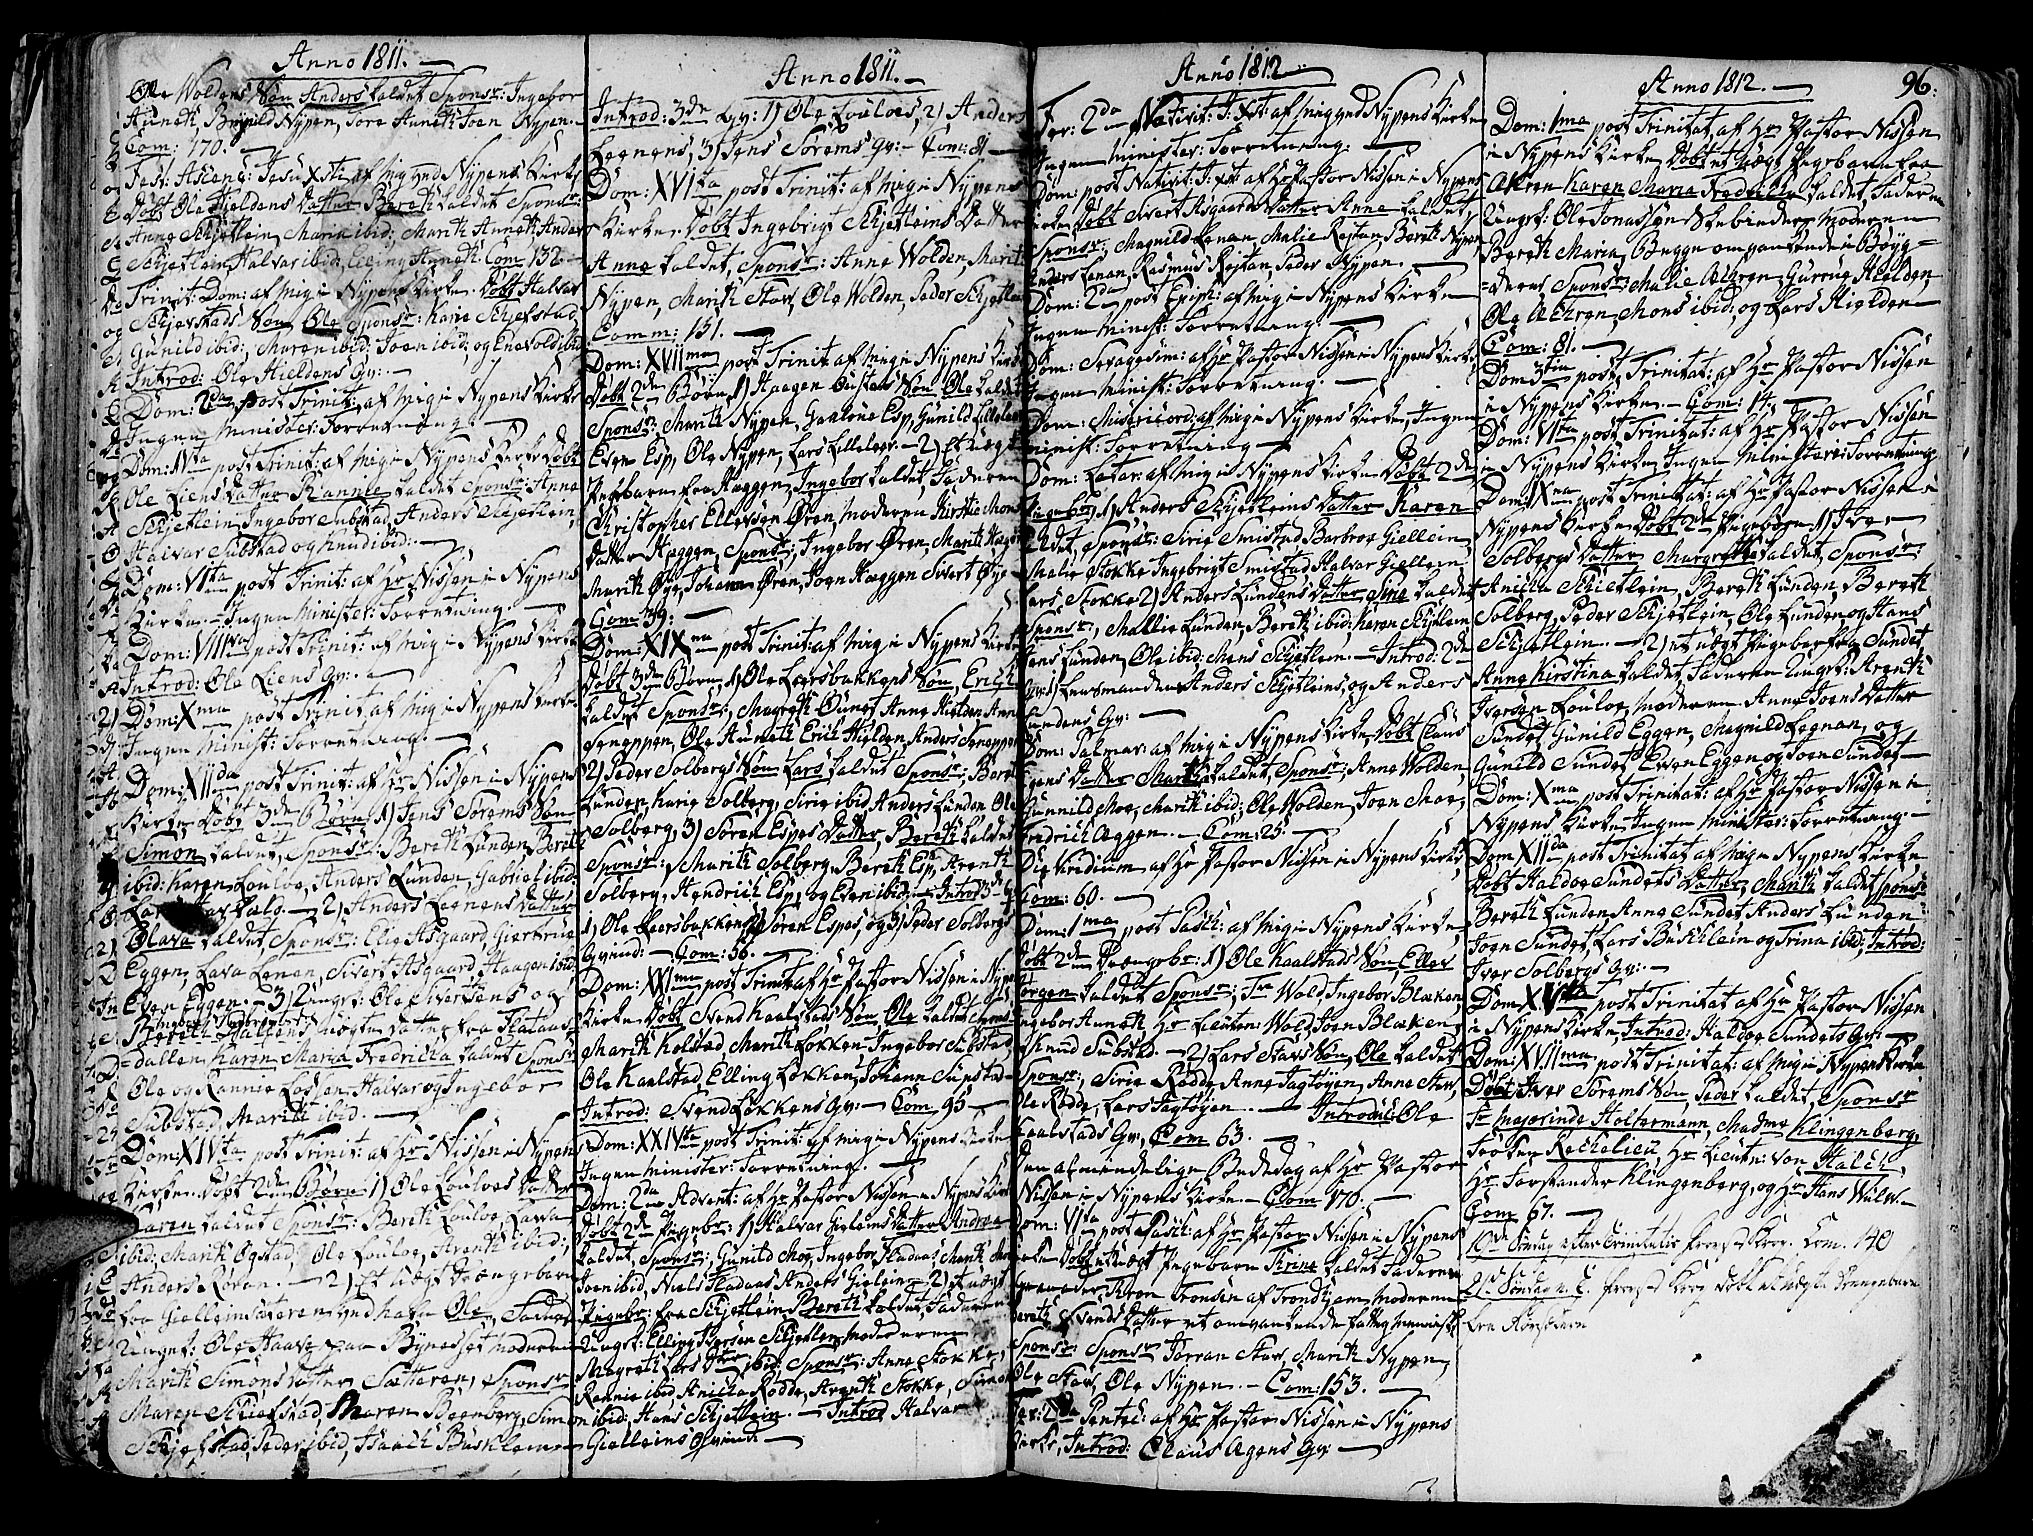 SAT, Ministerialprotokoller, klokkerbøker og fødselsregistre - Sør-Trøndelag, 691/L1063: Ministerialbok nr. 691A02 /3, 1768-1815, s. 96